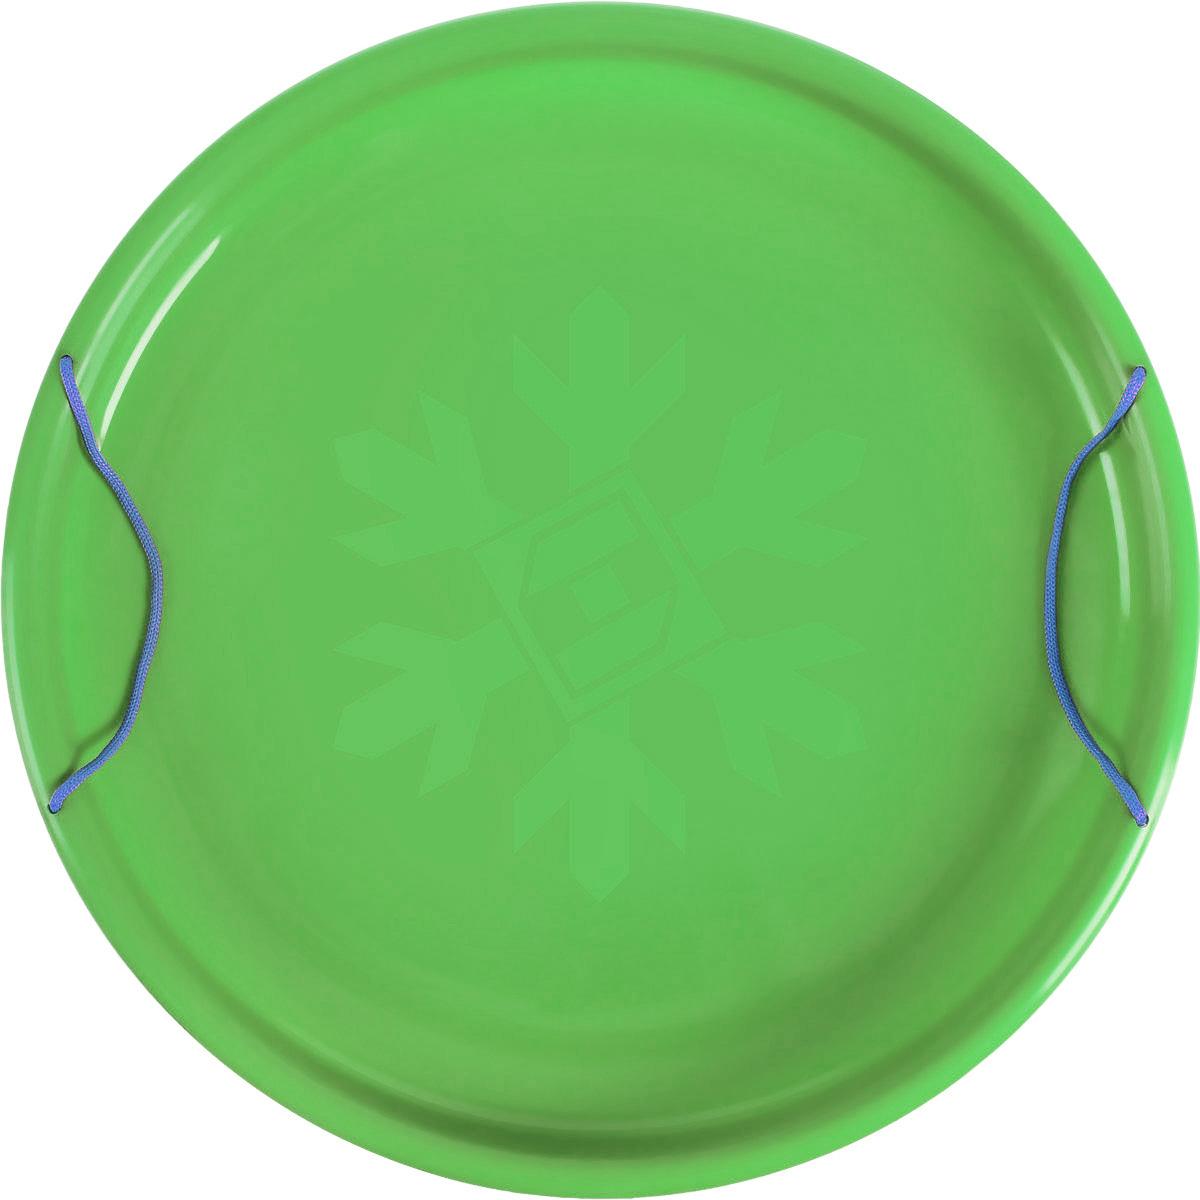 """Фото Санки-ледянки Престиж """"Экстрим"""", цвет: зеленый, диаметр 53 см. Купить  в РФ"""